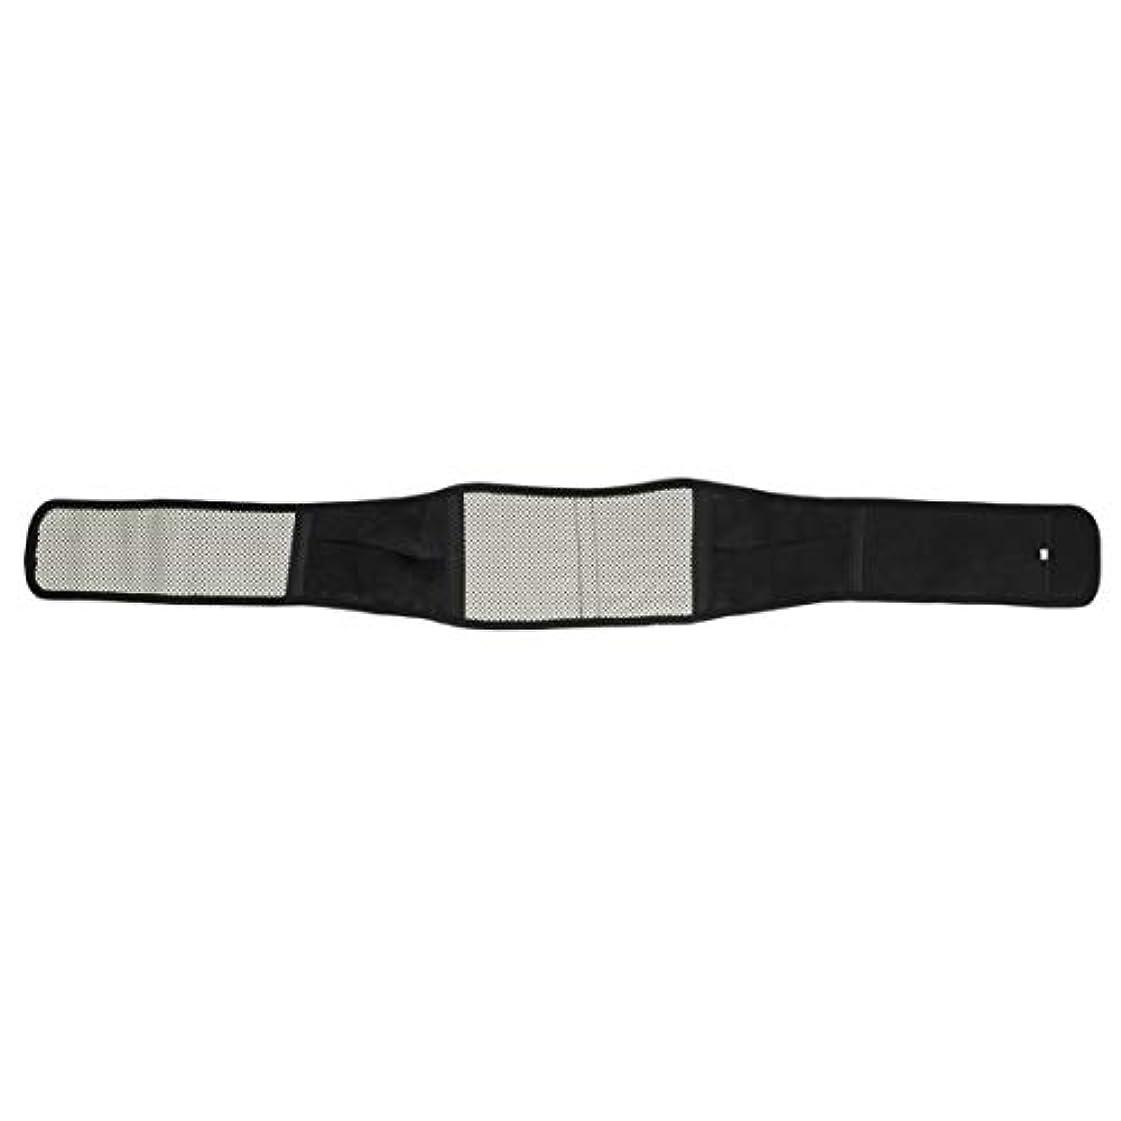 清めるバーマド地域intercorey脂肪燃焼ベルト腰椎サポート痛みマッサージャー赤外線磁気バックブレース自己発熱療法ウエストベルト調整可能な姿勢ベルト